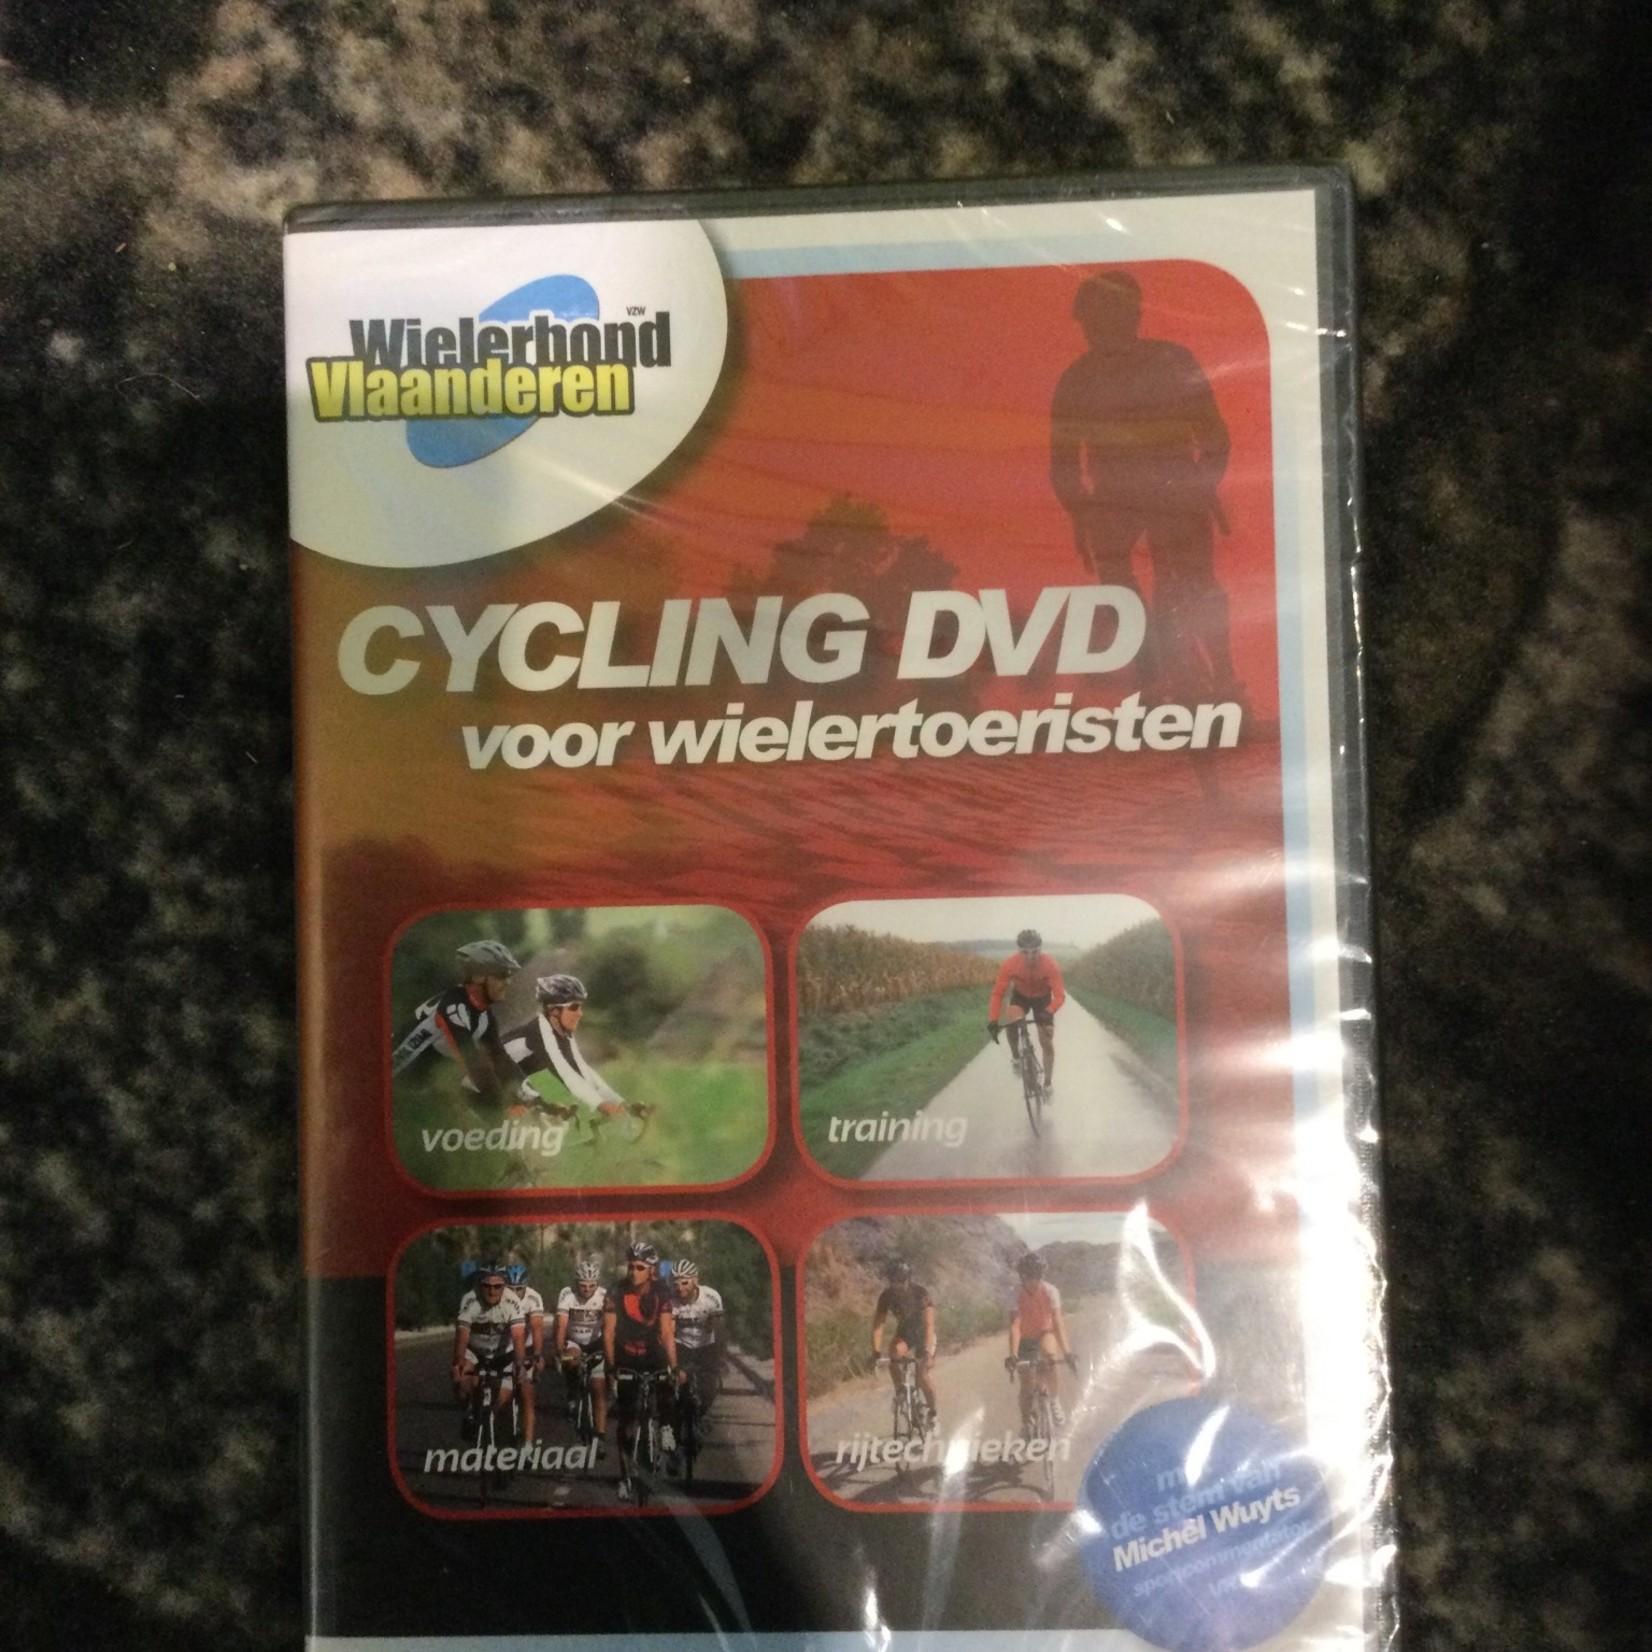 DVD 'Cycling DVD voor wielertoeristen'